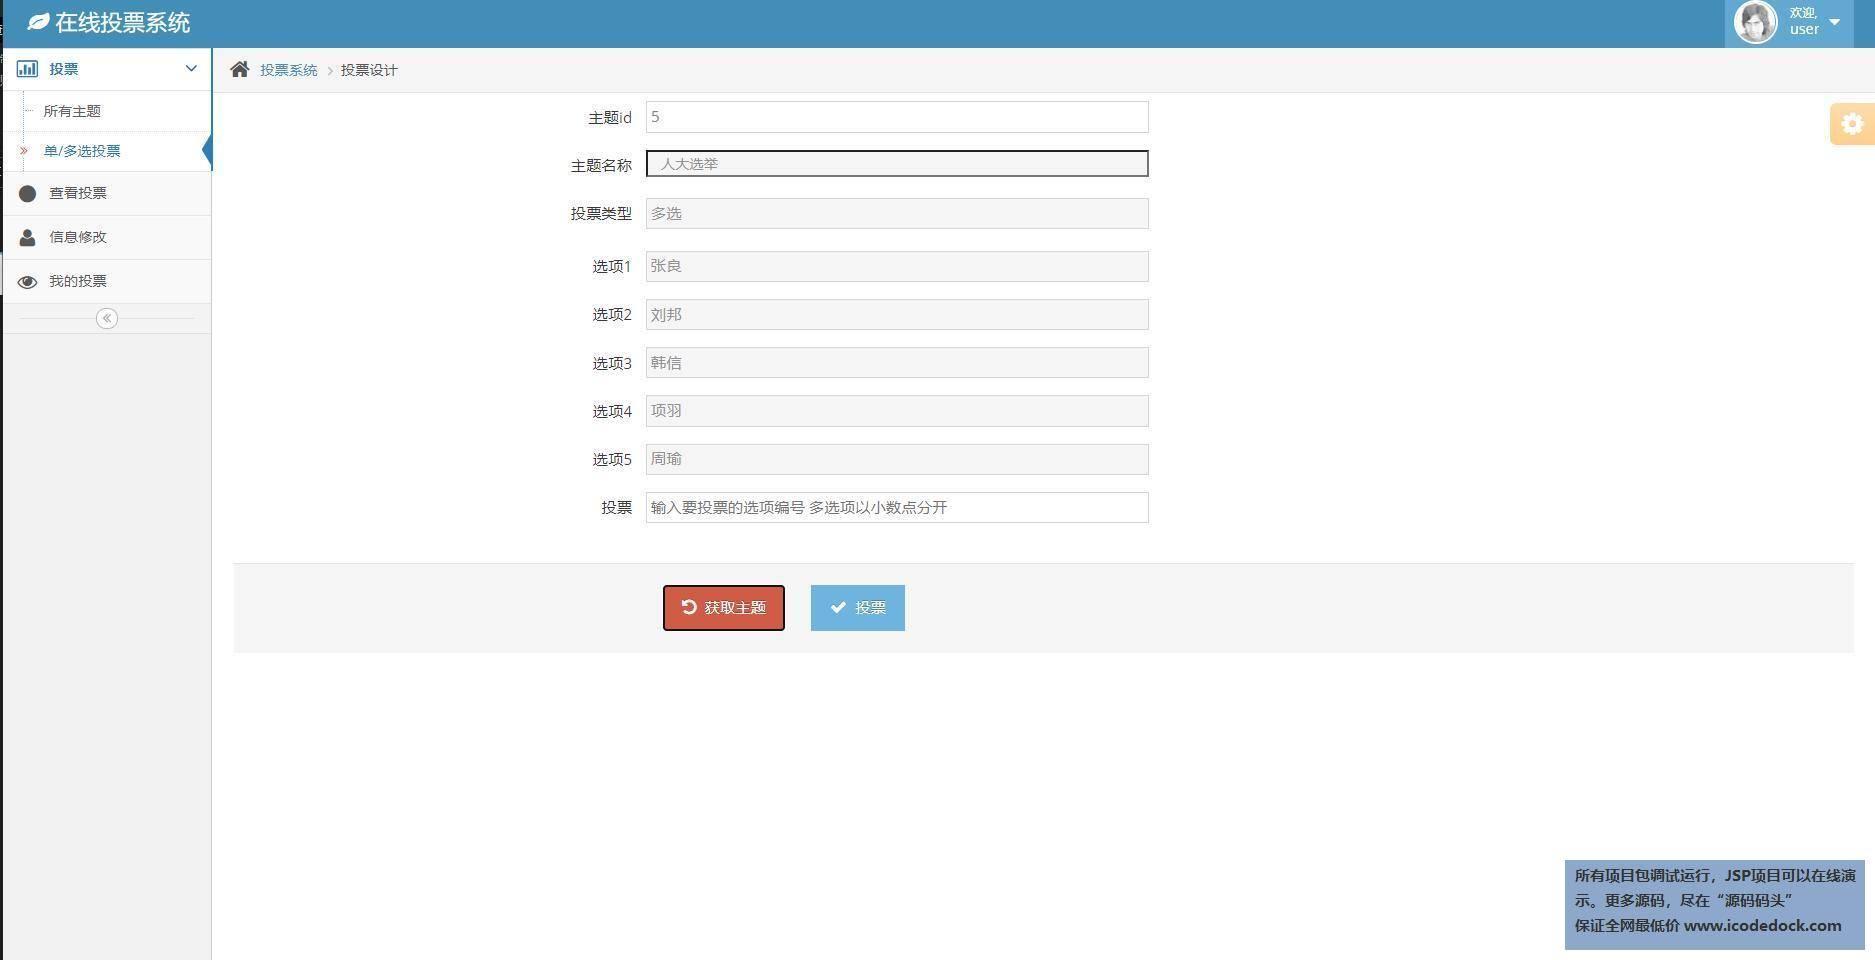 源码码头-SSH在线调查问卷管理系统-用户角色-投票查看